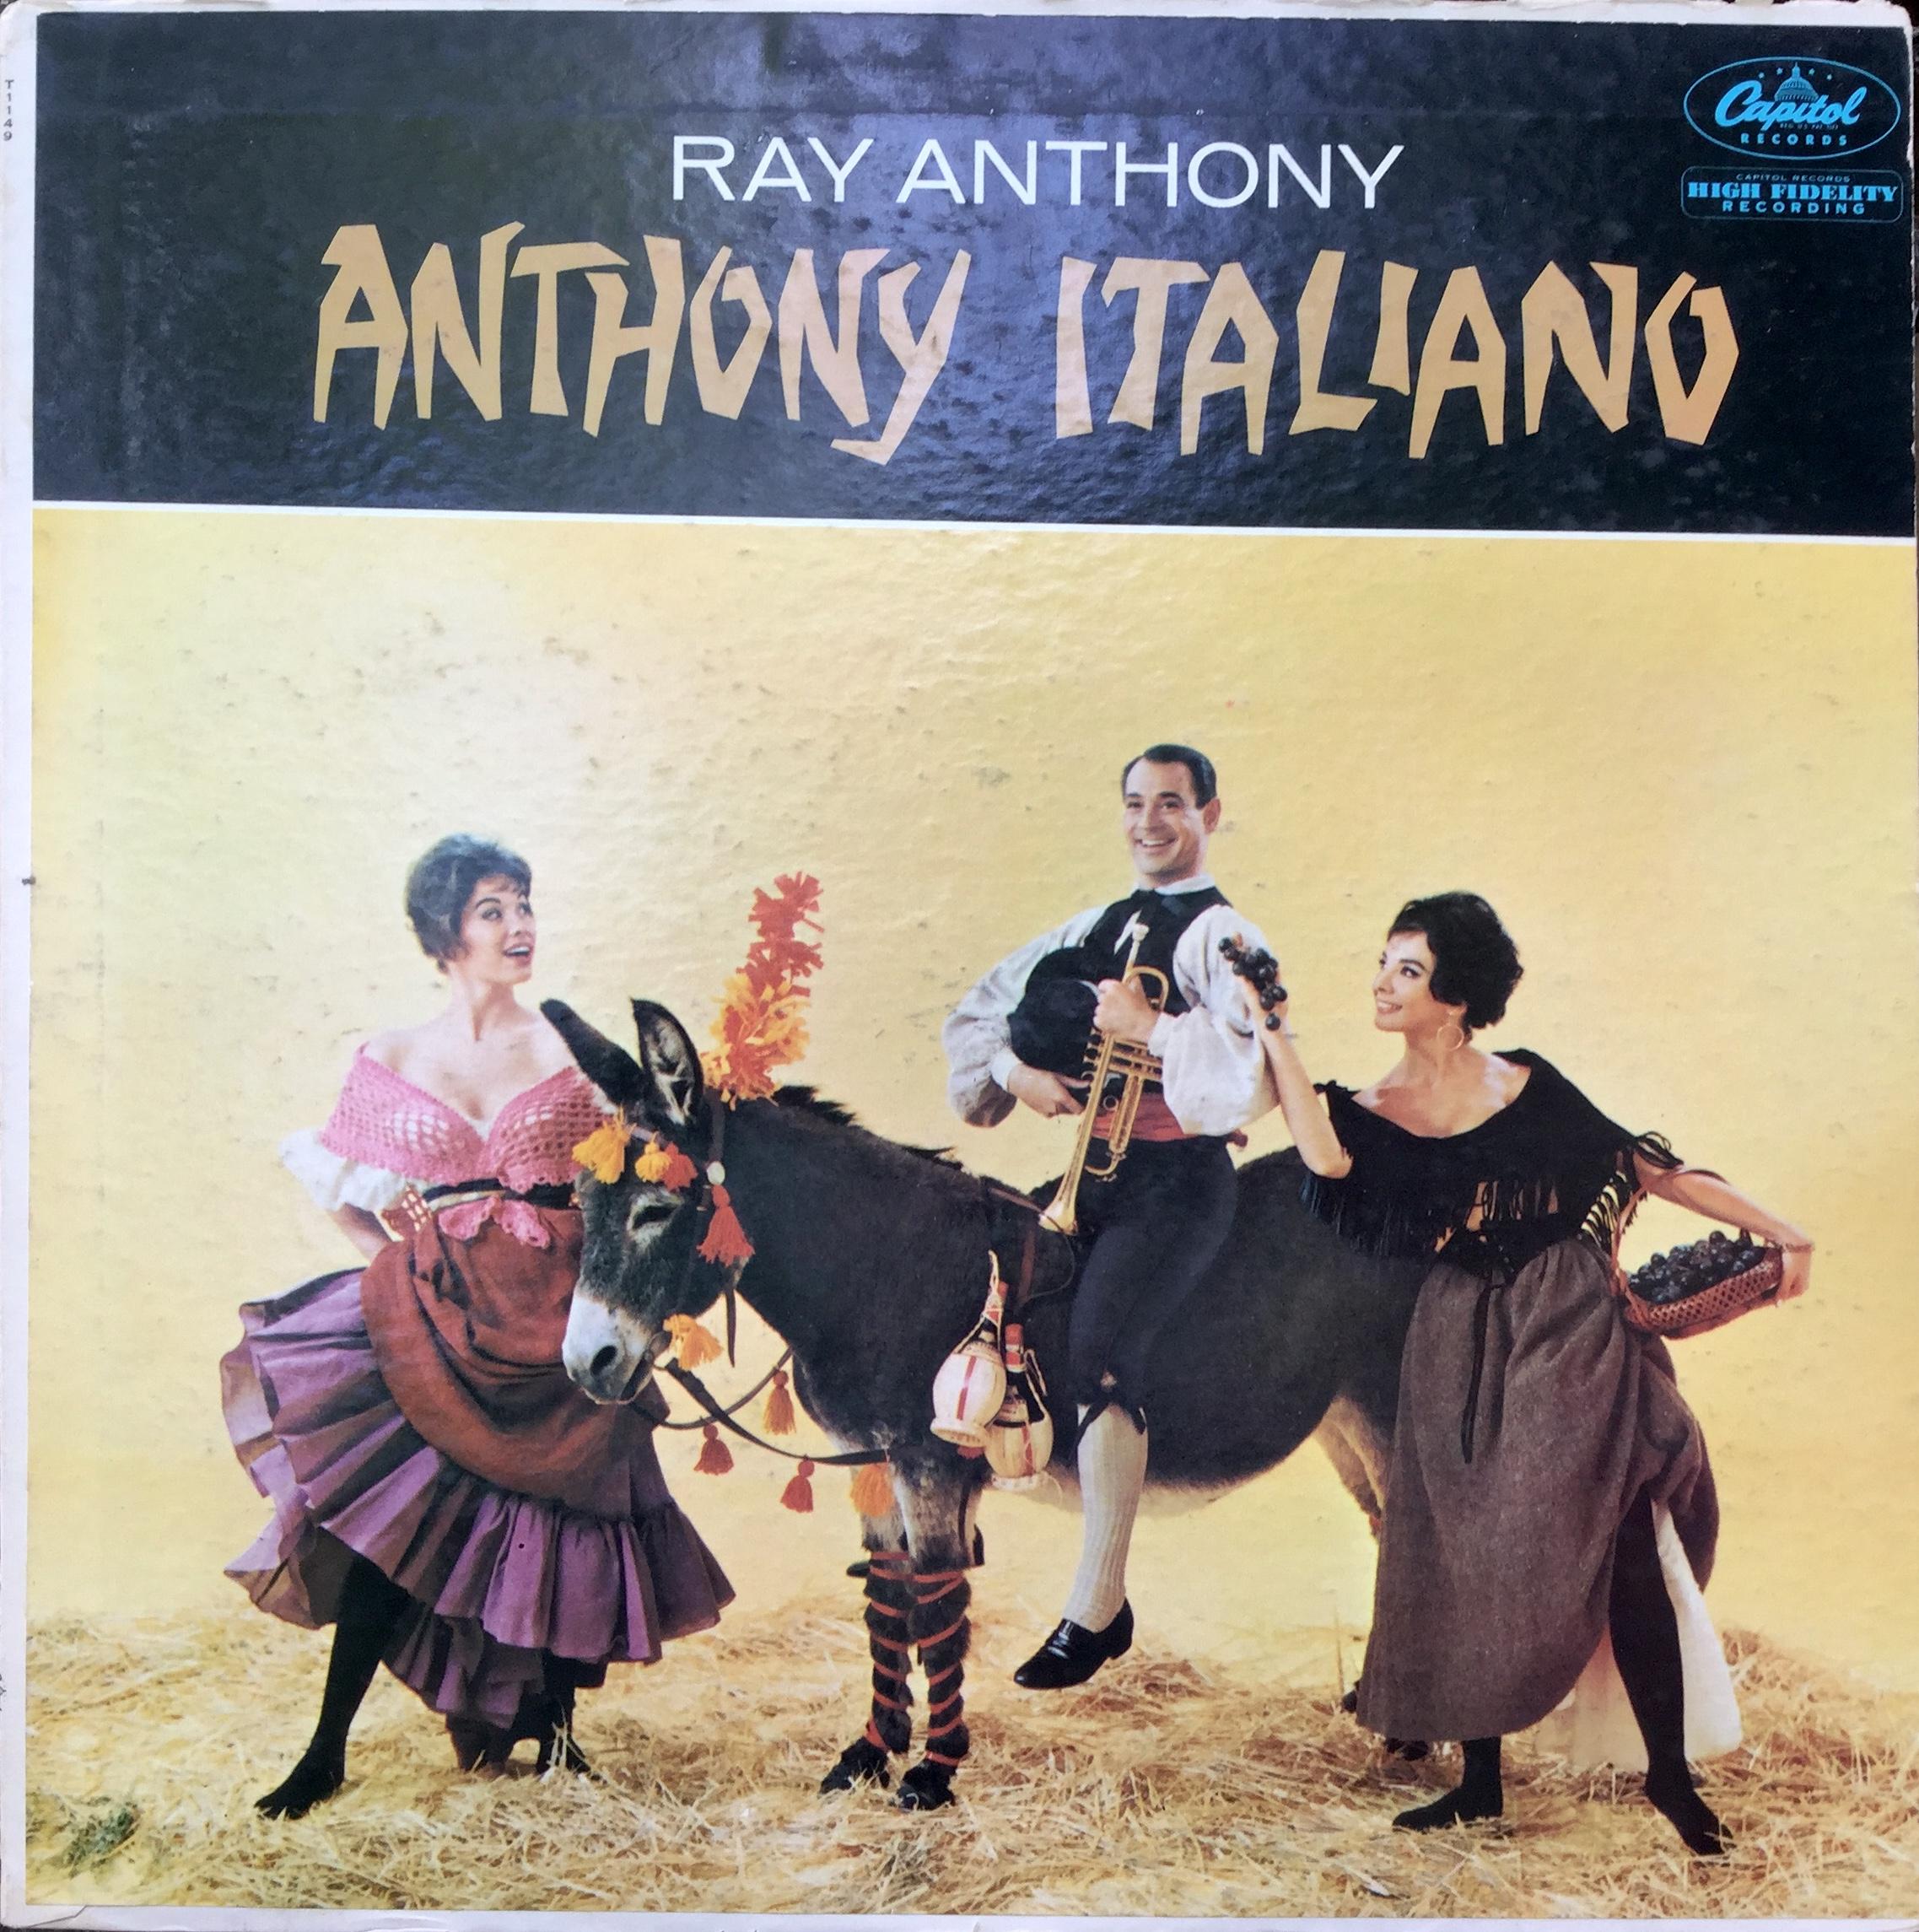 RAnthony_AnthonyItaliano